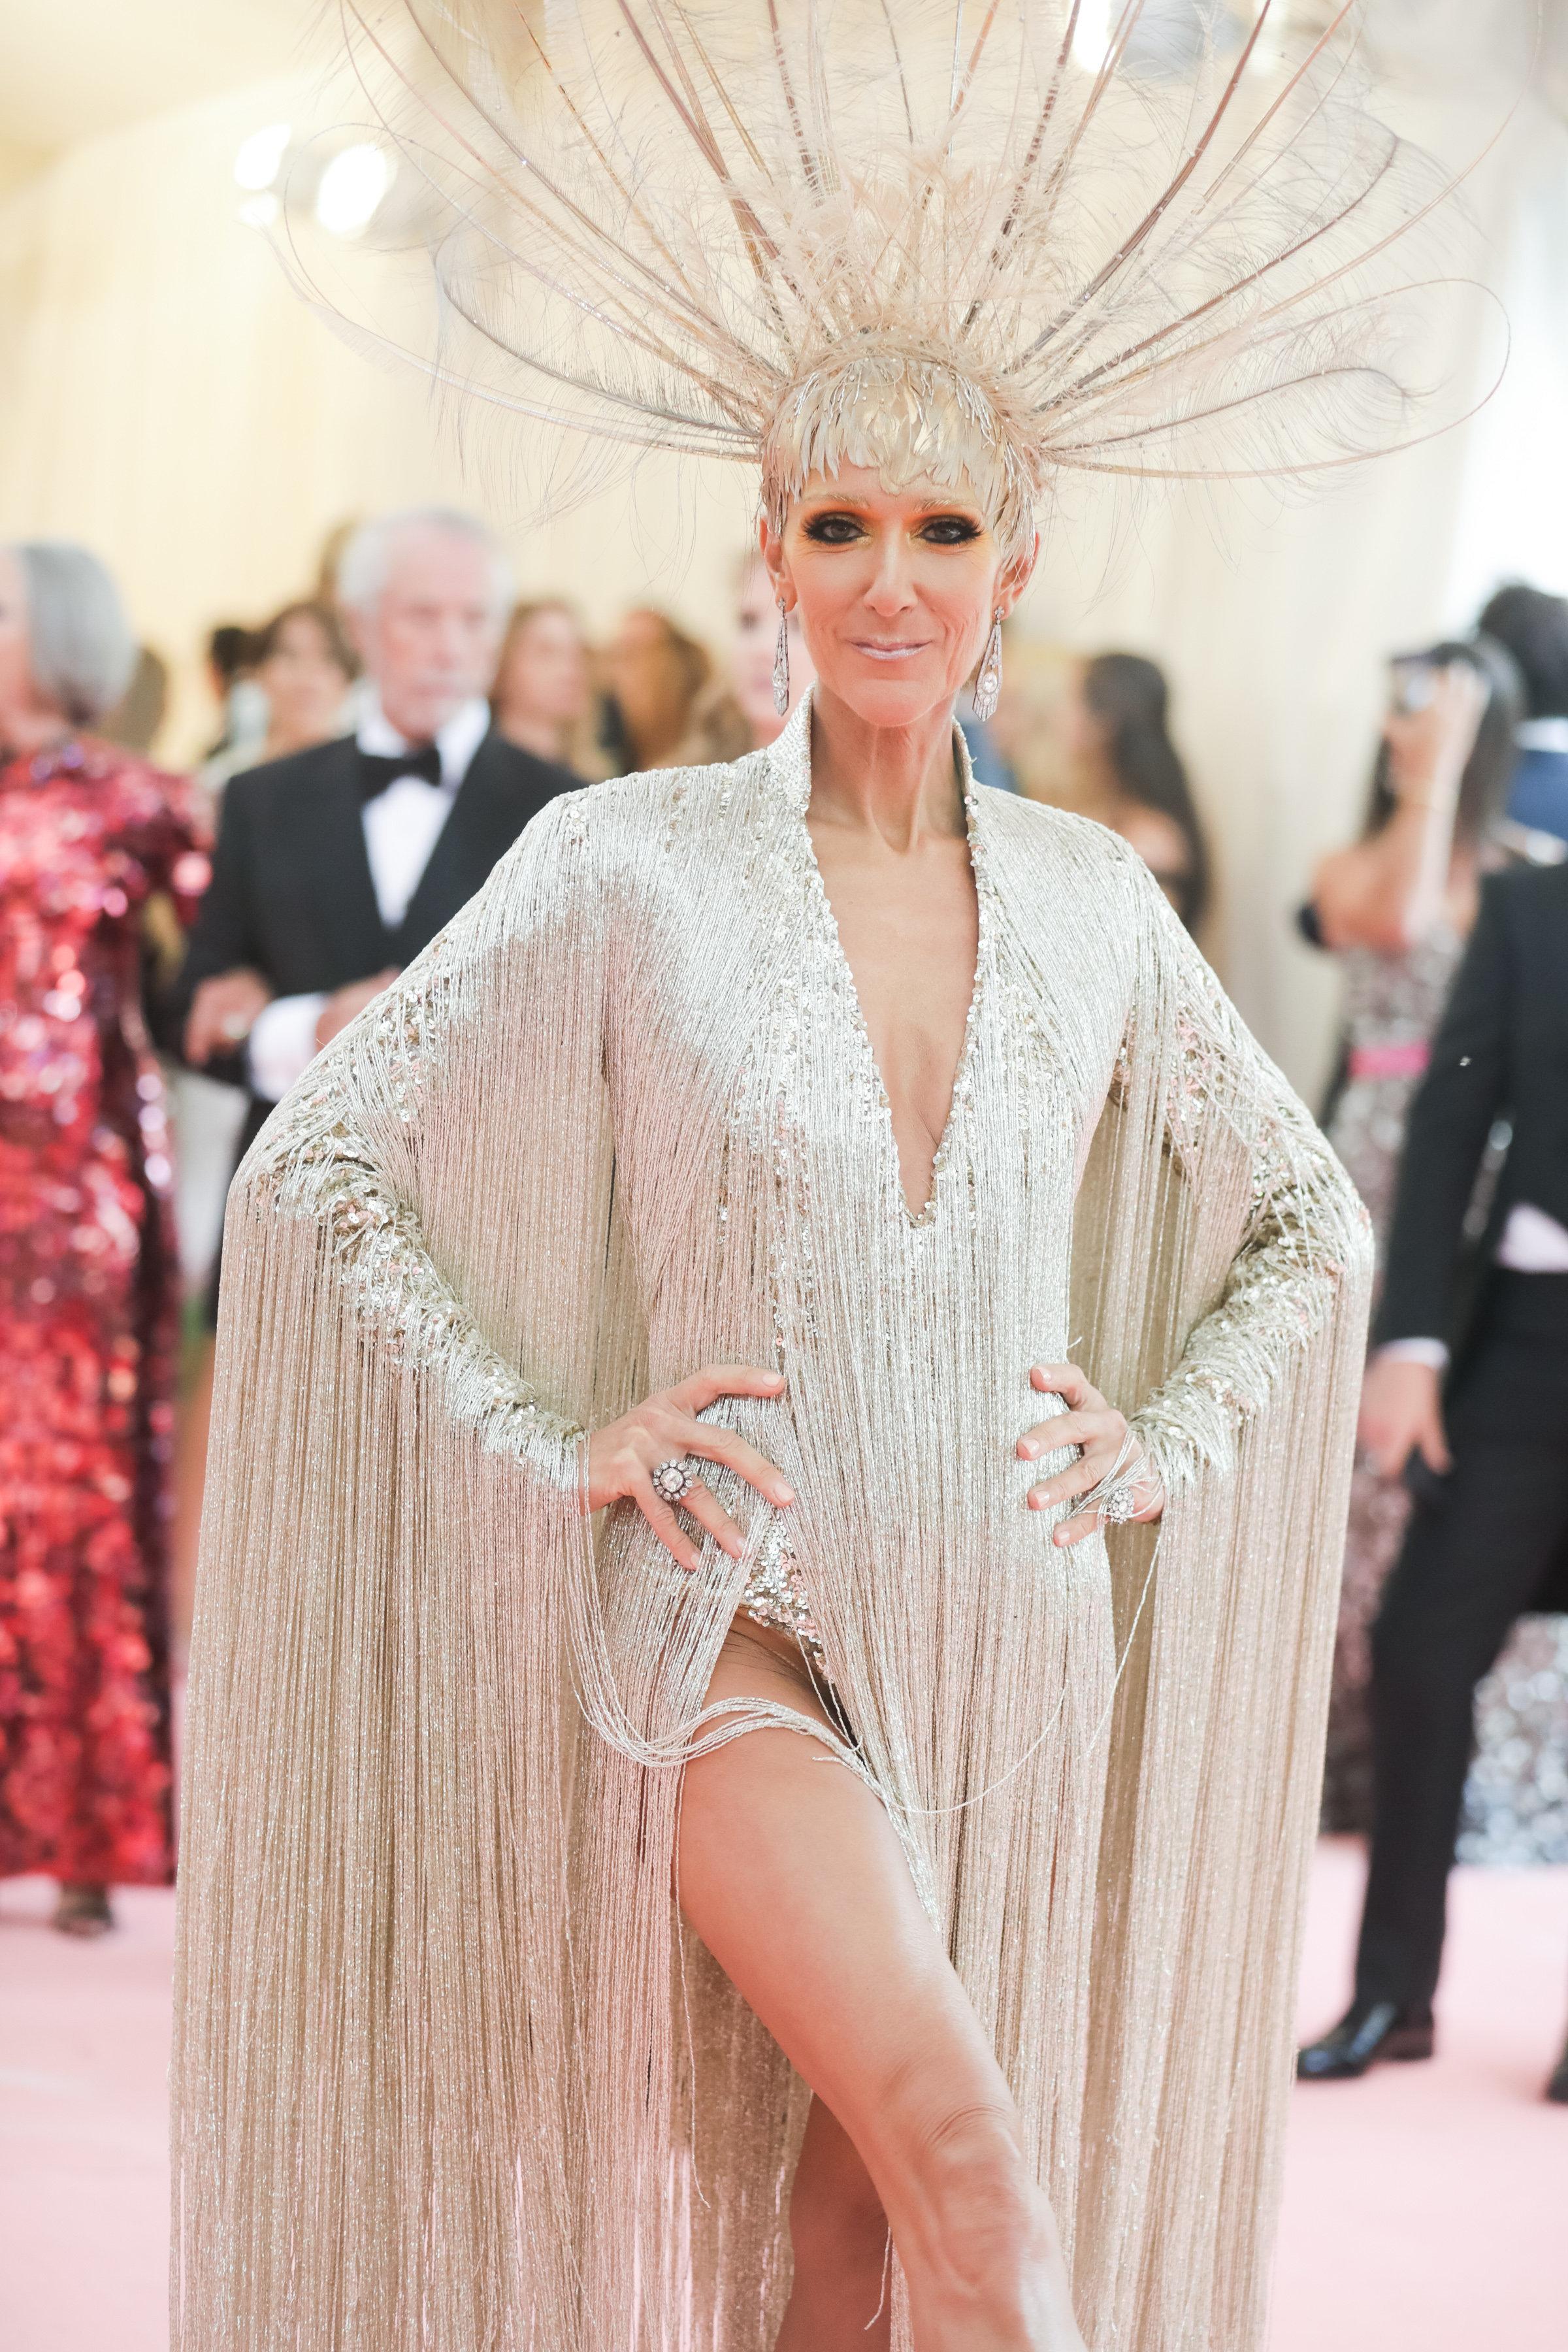 Celine Dion God Bless - Celine Dion Songs Age